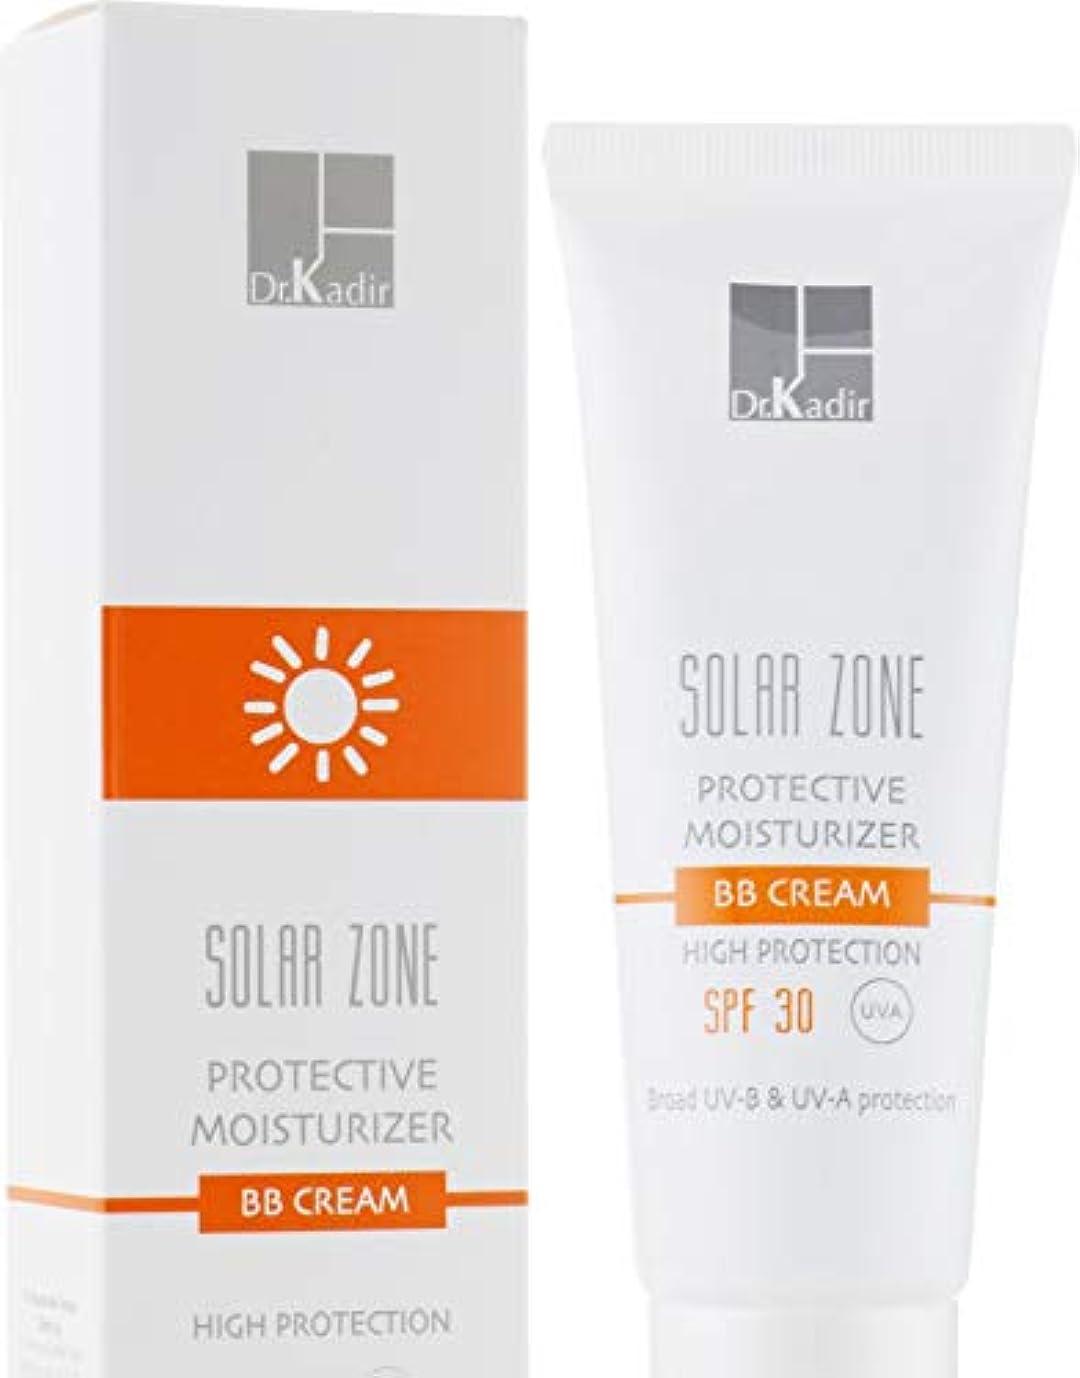 前者時計フォークDr. Kadir Solar Zone Protective Moisturizer BB Cream SPF 30 75ml